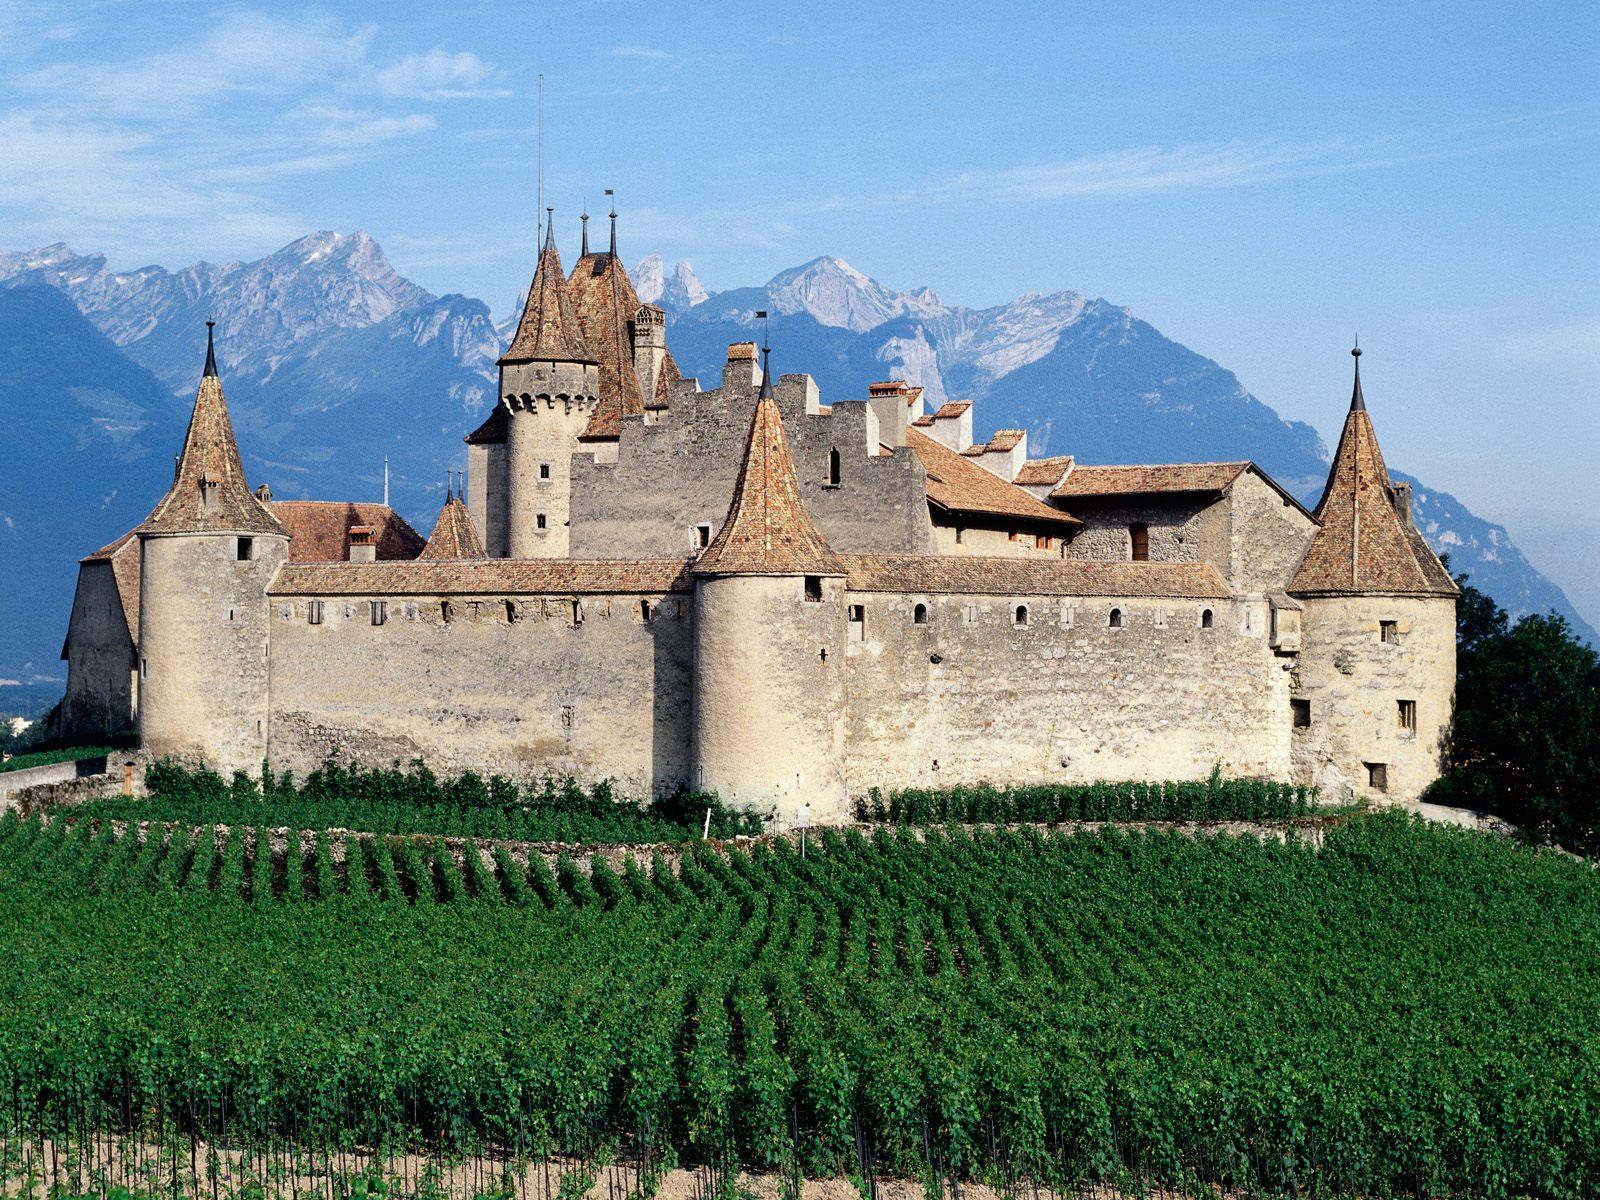 D'aigle_Castle_Switzerland.jpg